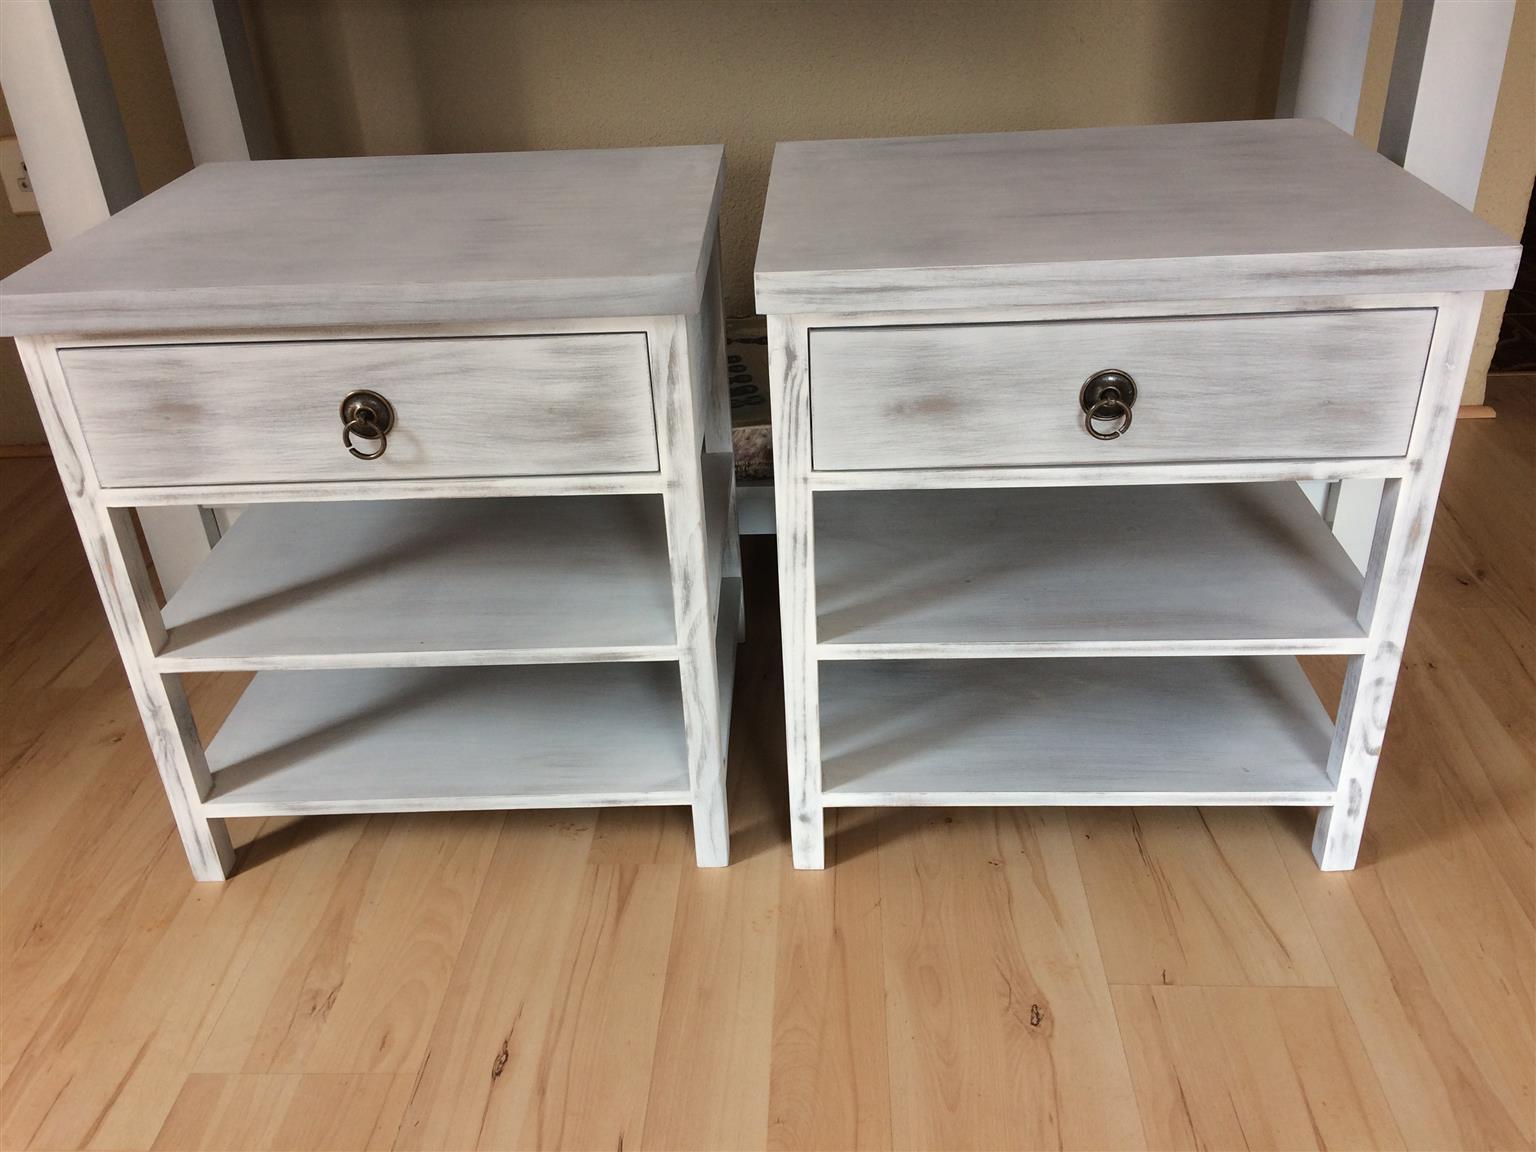 Bedside Pedestals For Sale ... On Order